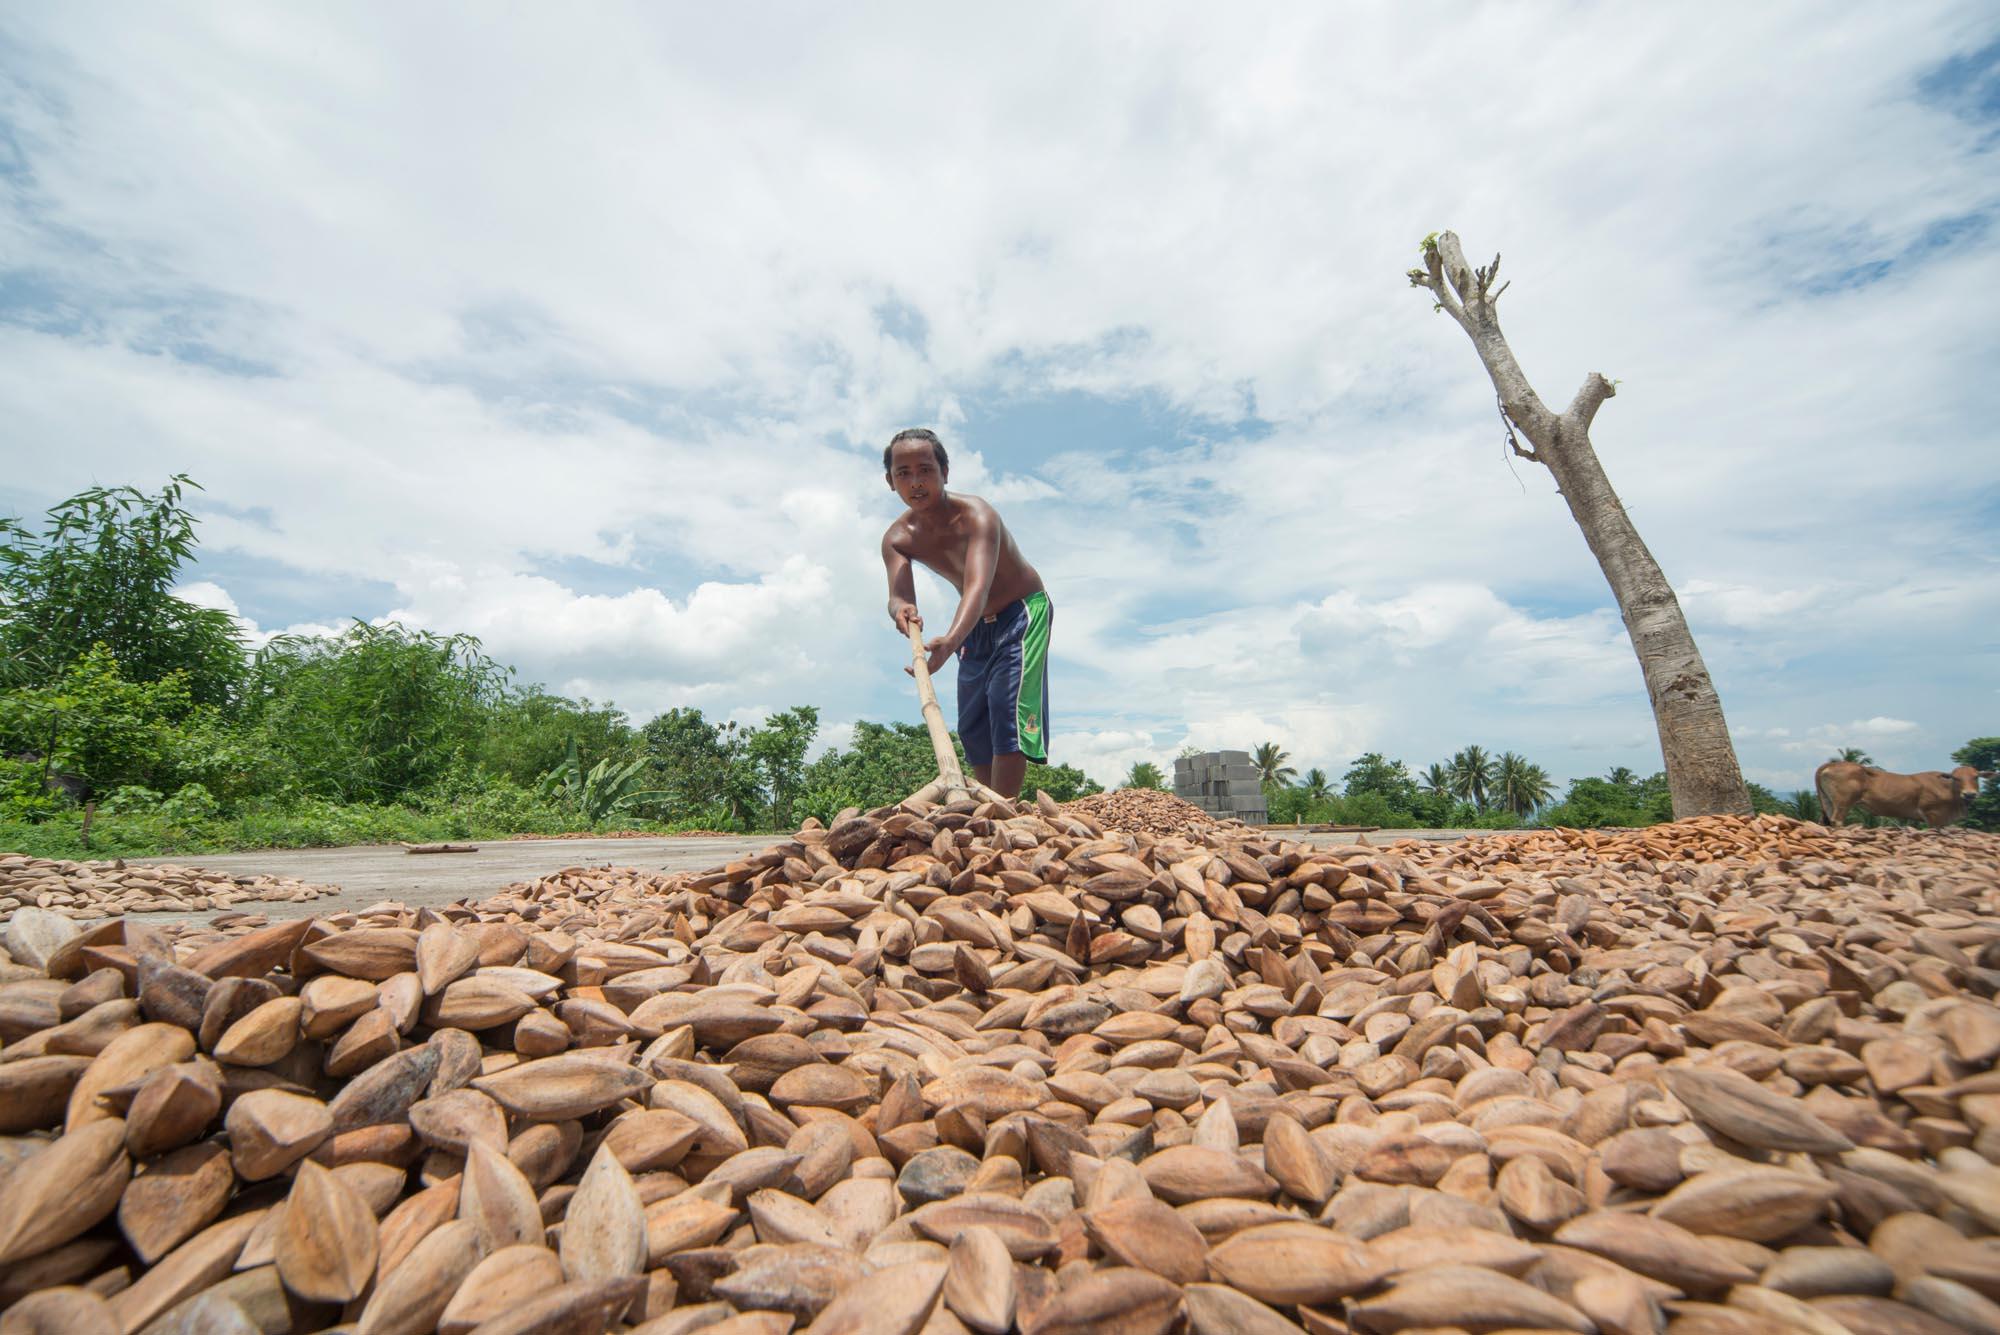 Spreading Mount Mayon Organic Pili Nuts///Étalement des noix de pili du Mont Mayon issues de l'agriculture biologique